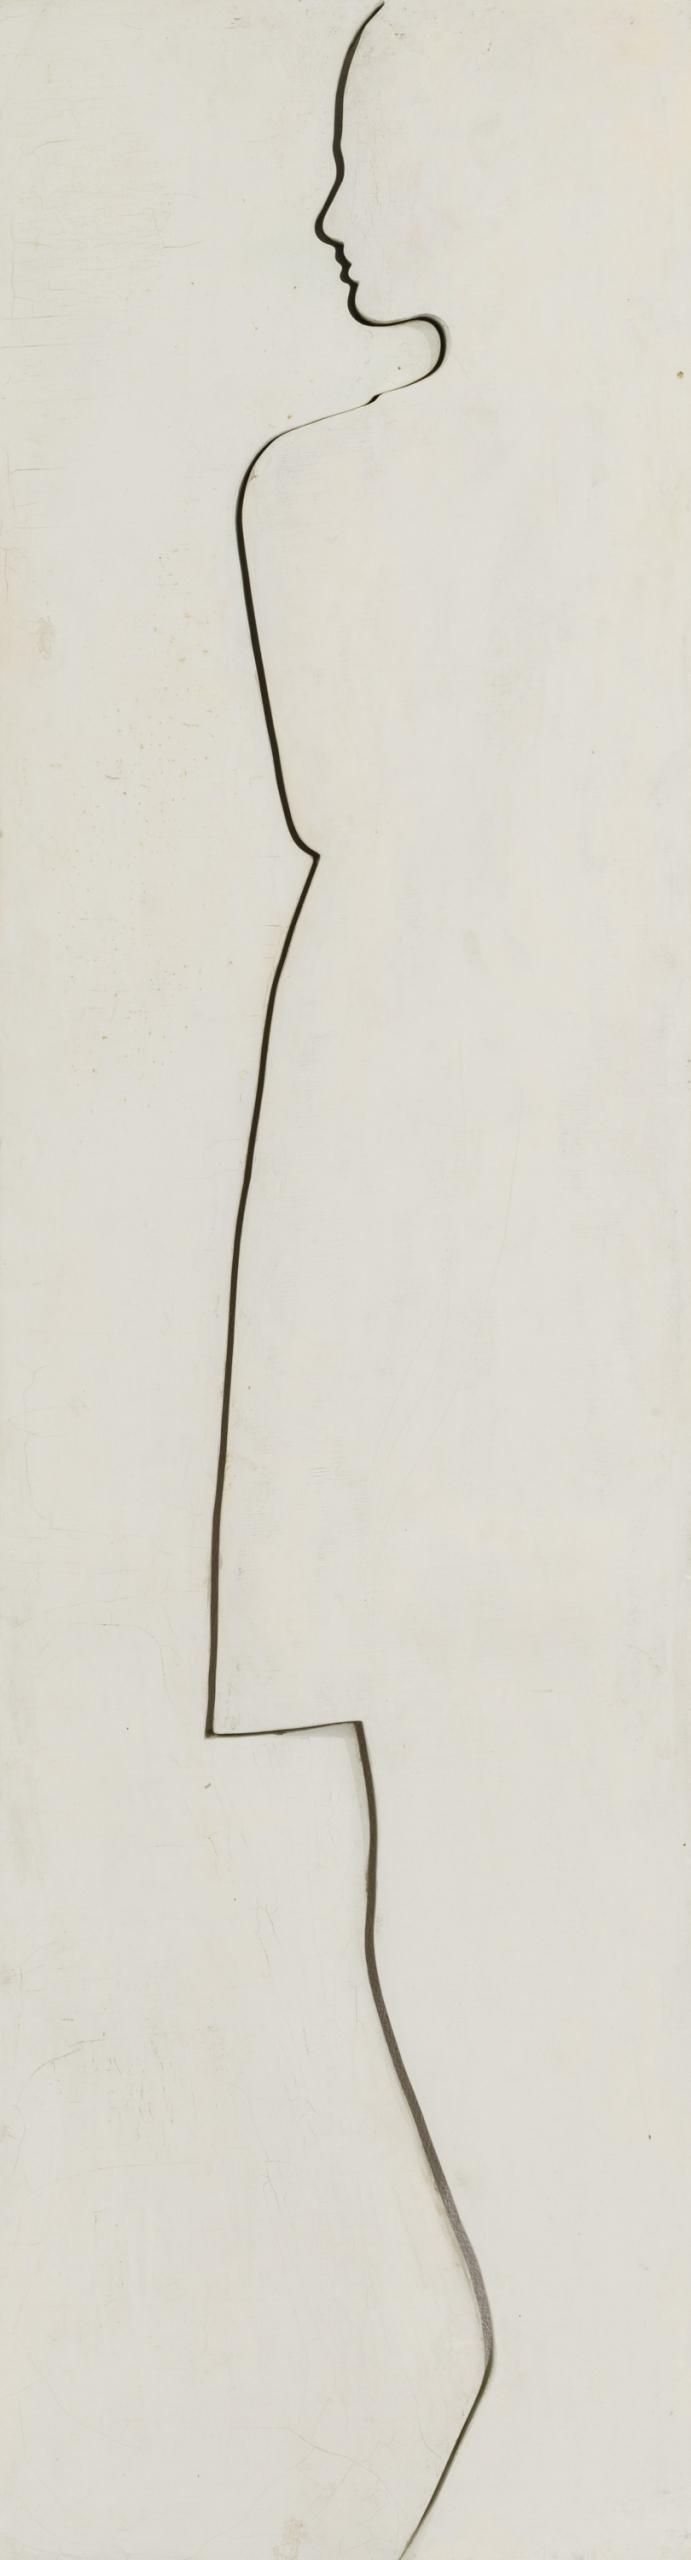 Josef Bauer, Ohne Titel / untitled